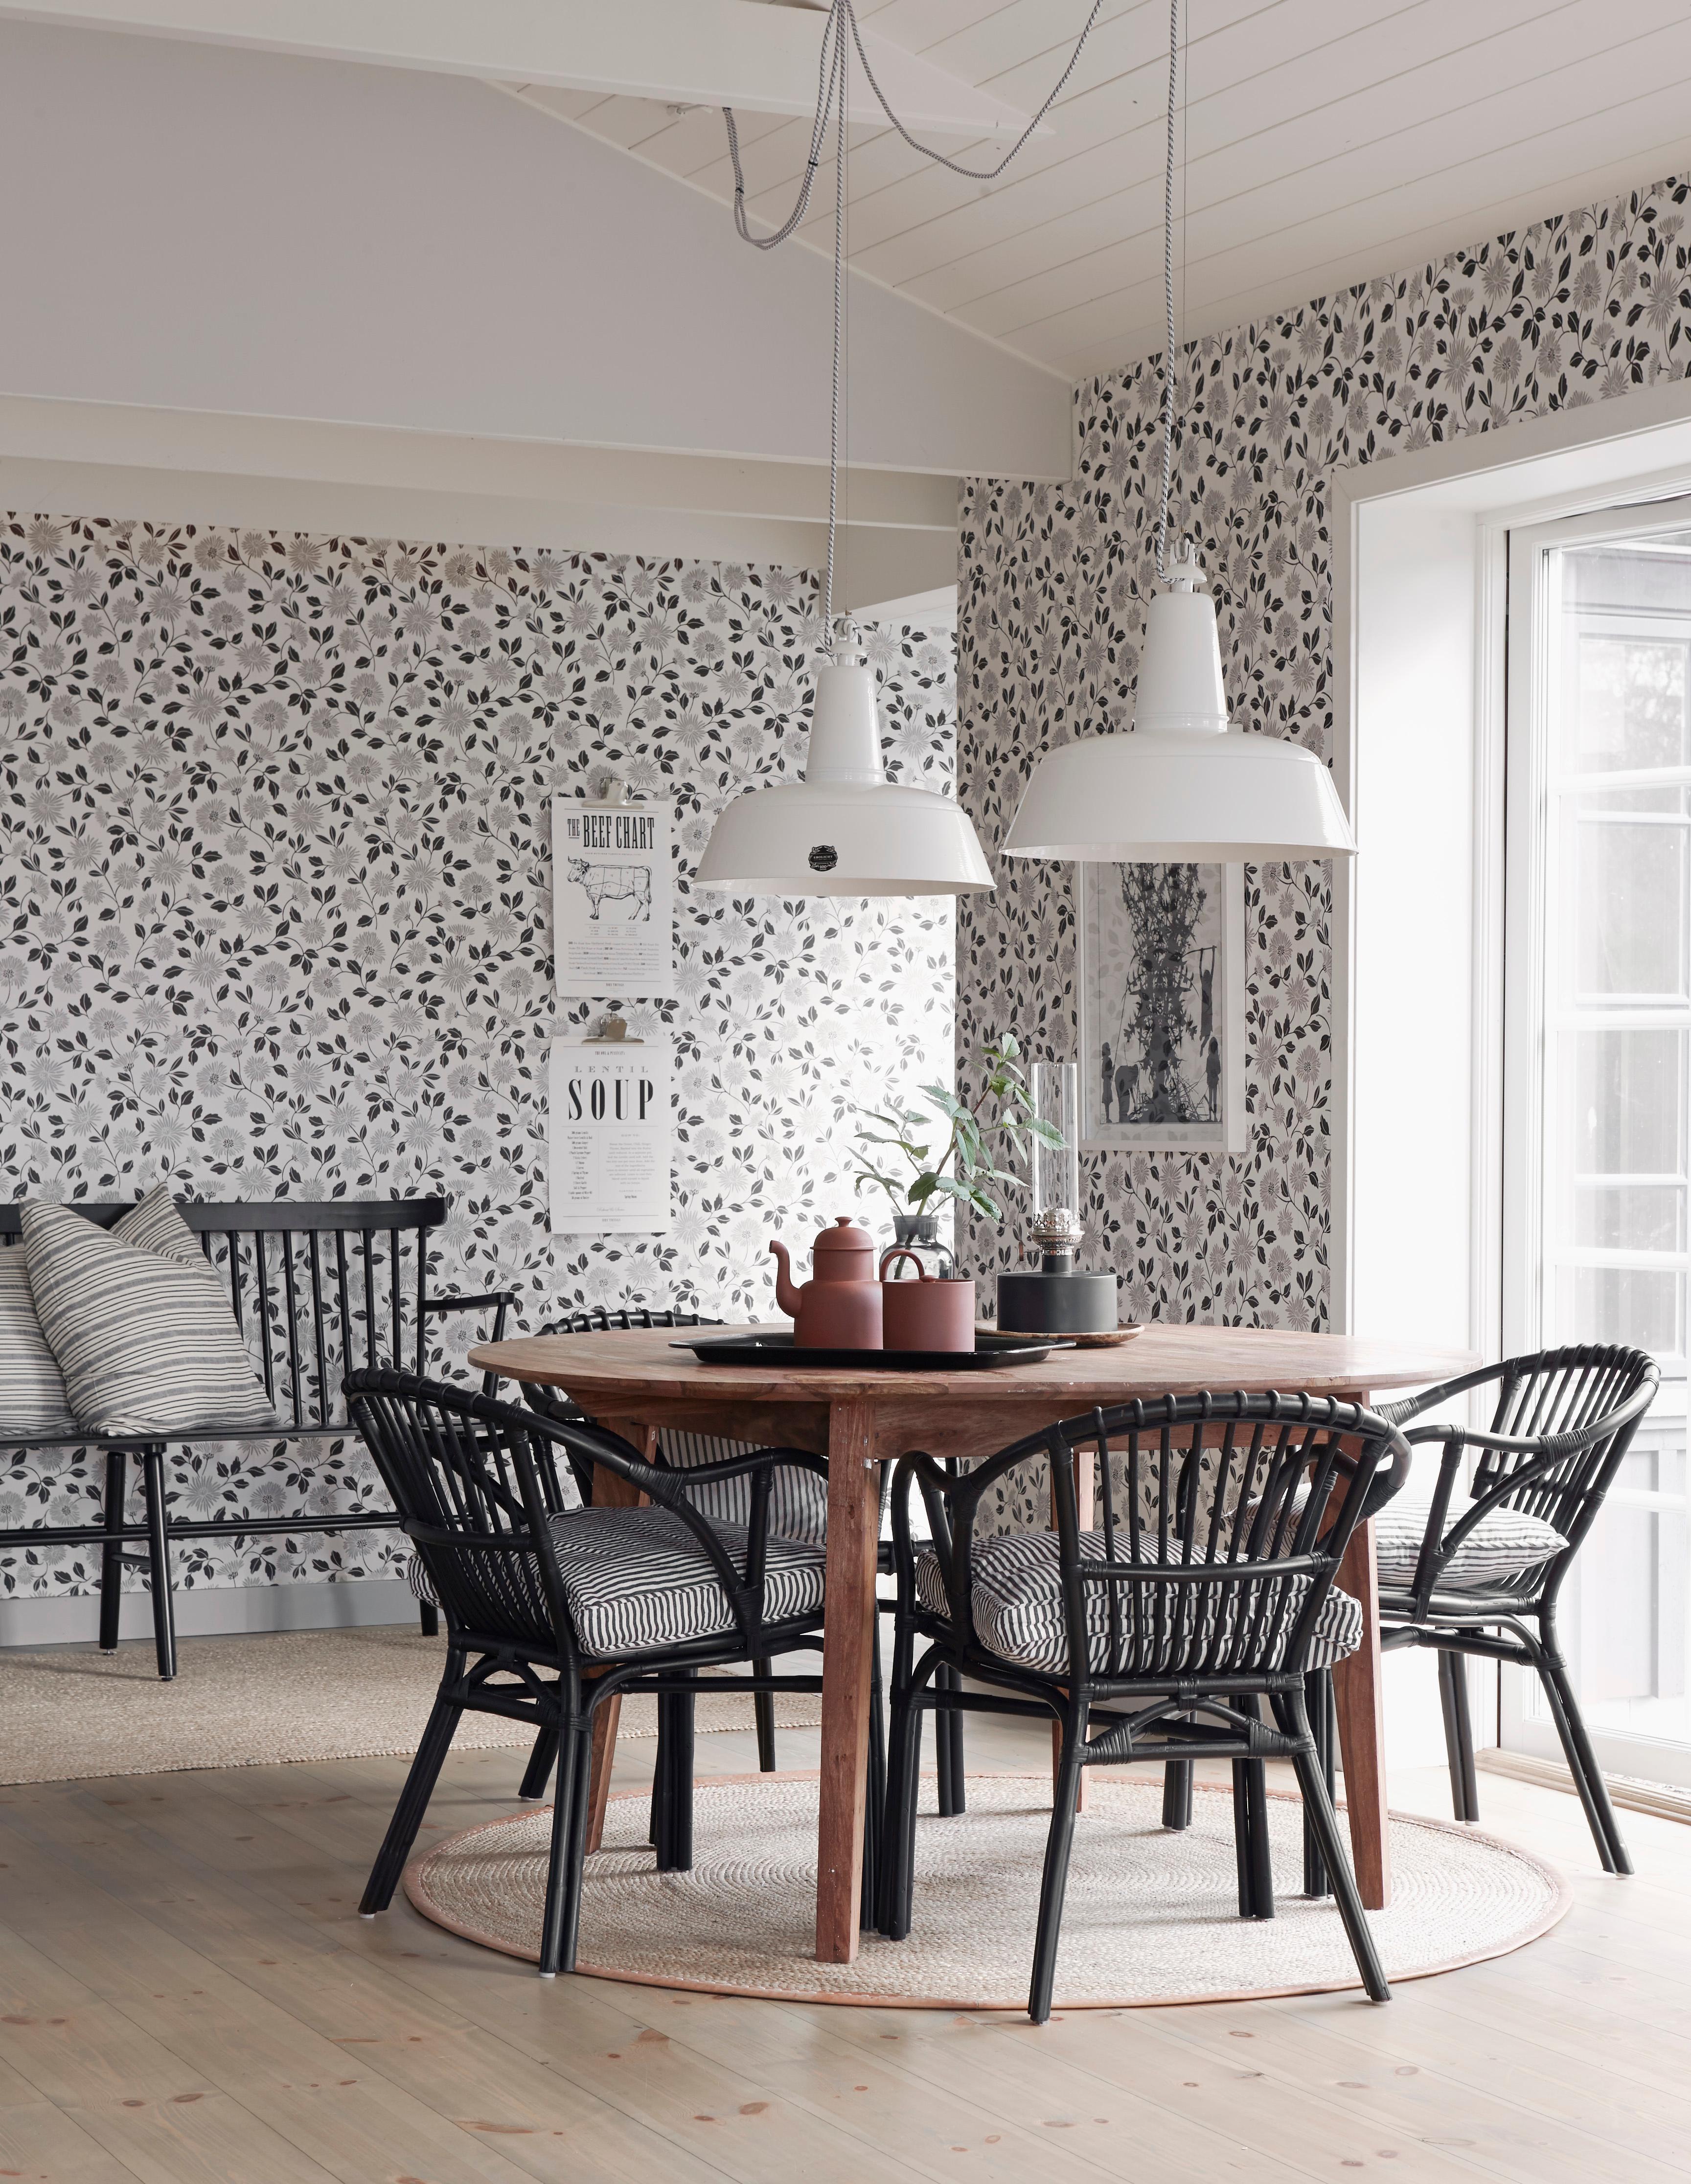 tapete • bilder & ideen • couchstyle, Hause deko